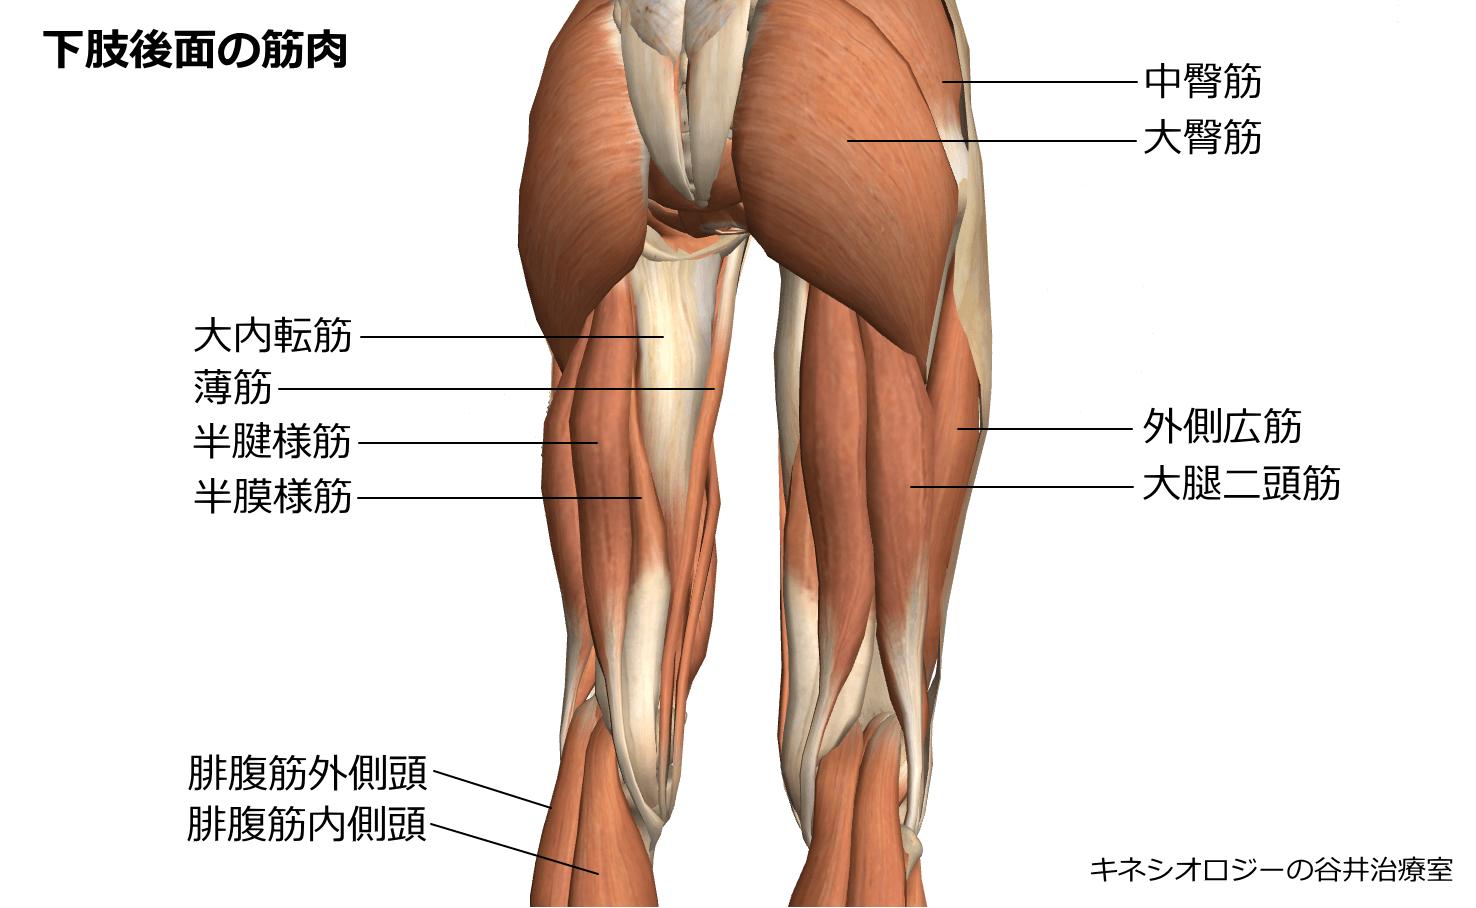 札幌整体膝関節痛治療院 谷井治療室 下肢後面筋